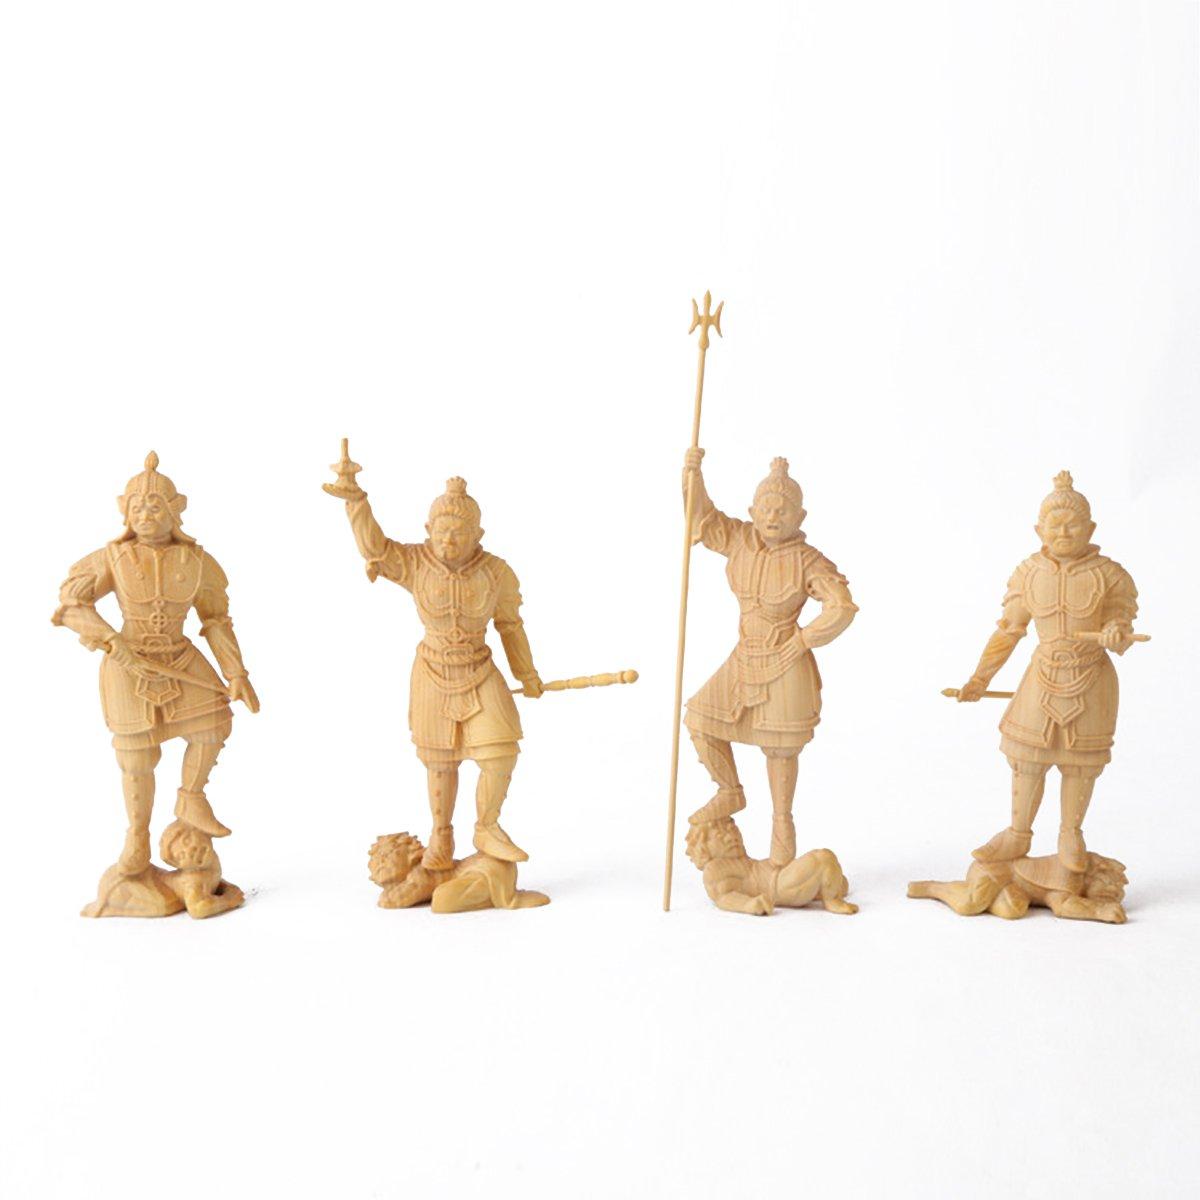 仏像 四天王 ツゲの木彫り お守り 木製彫刻 守護神 風水 B0758BTTZ7